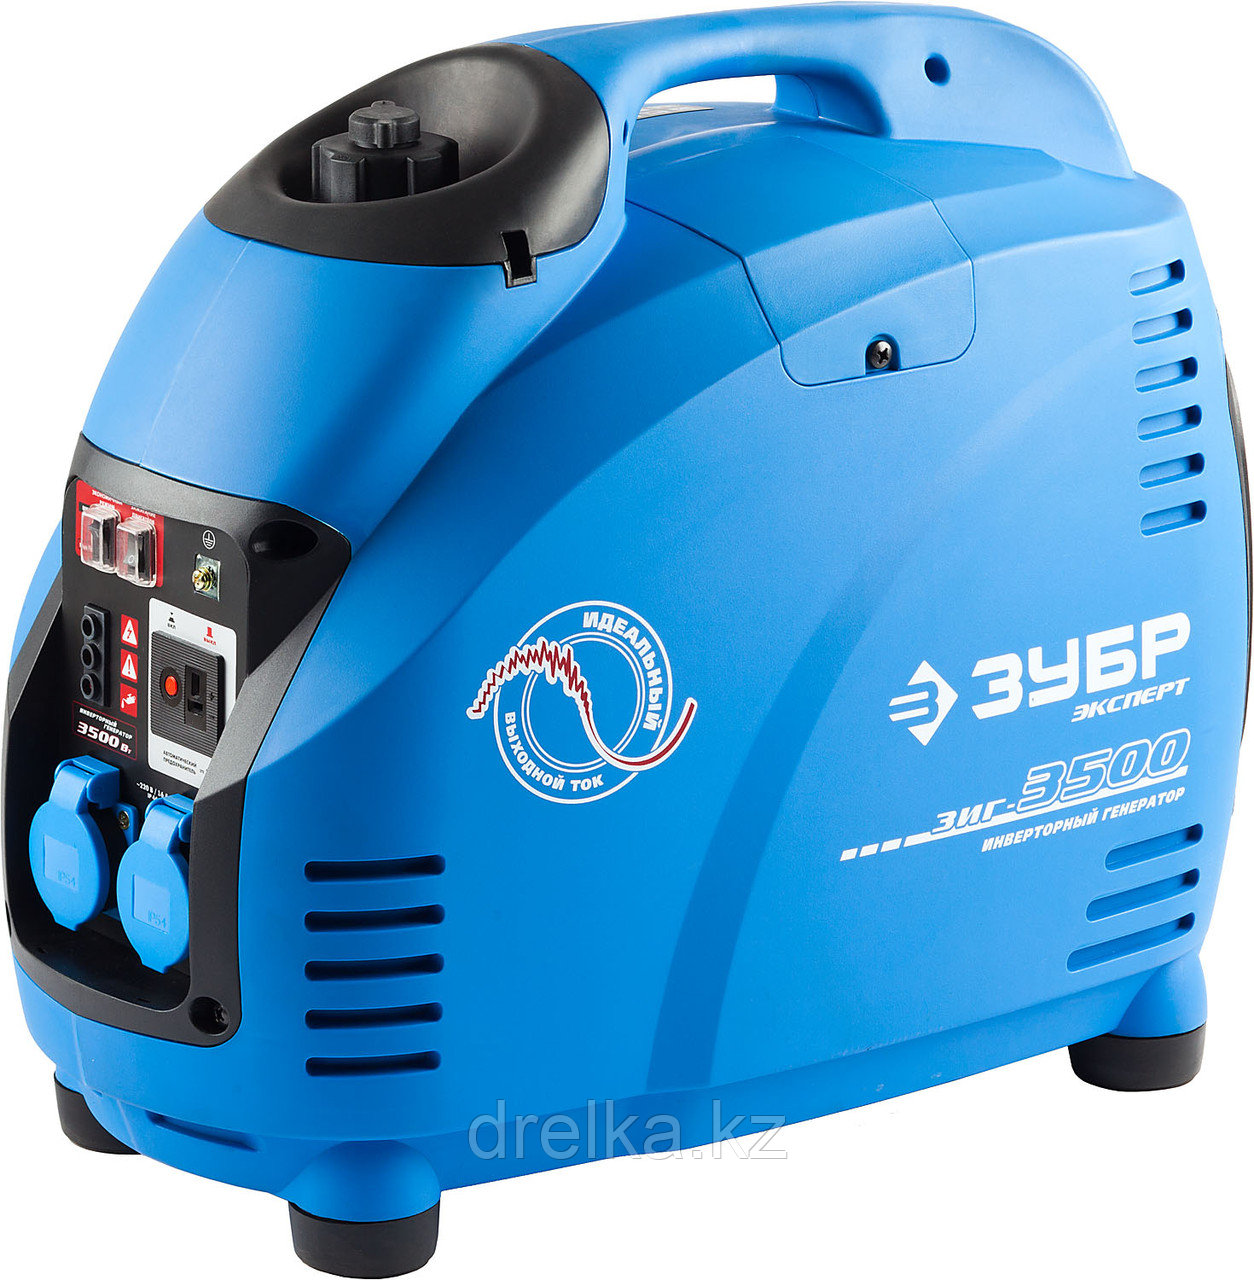 Бензиновый электрогенератор ЗУБР ЗИГ-3500, генератор инверторный, однофазный (220В), 4-тактный